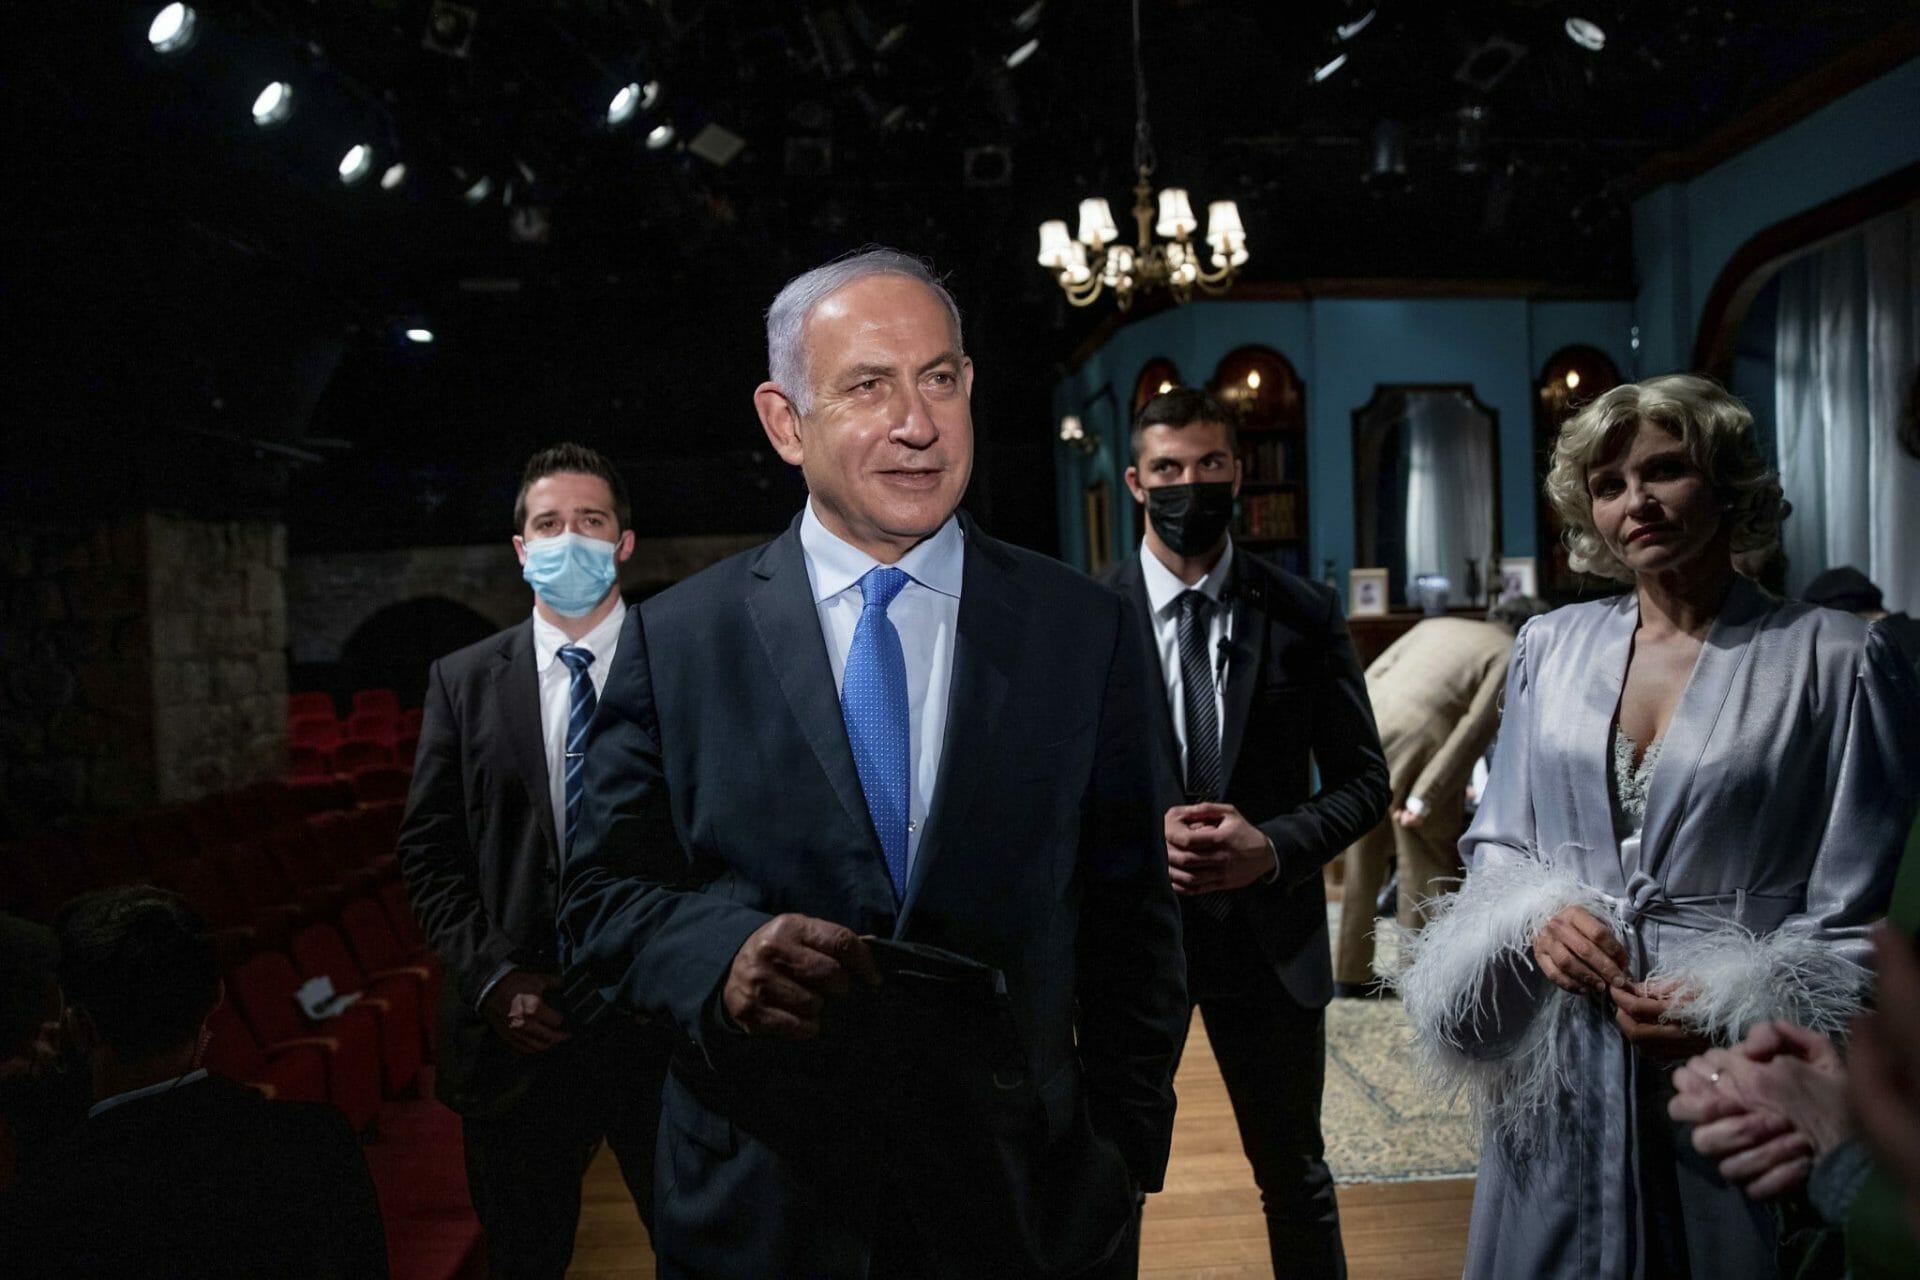 صحيفة: نتنياهو غير مرغوب فيه بالأردن وشخصيات إسرائيلية طلبت من الملك إفشال رحلته